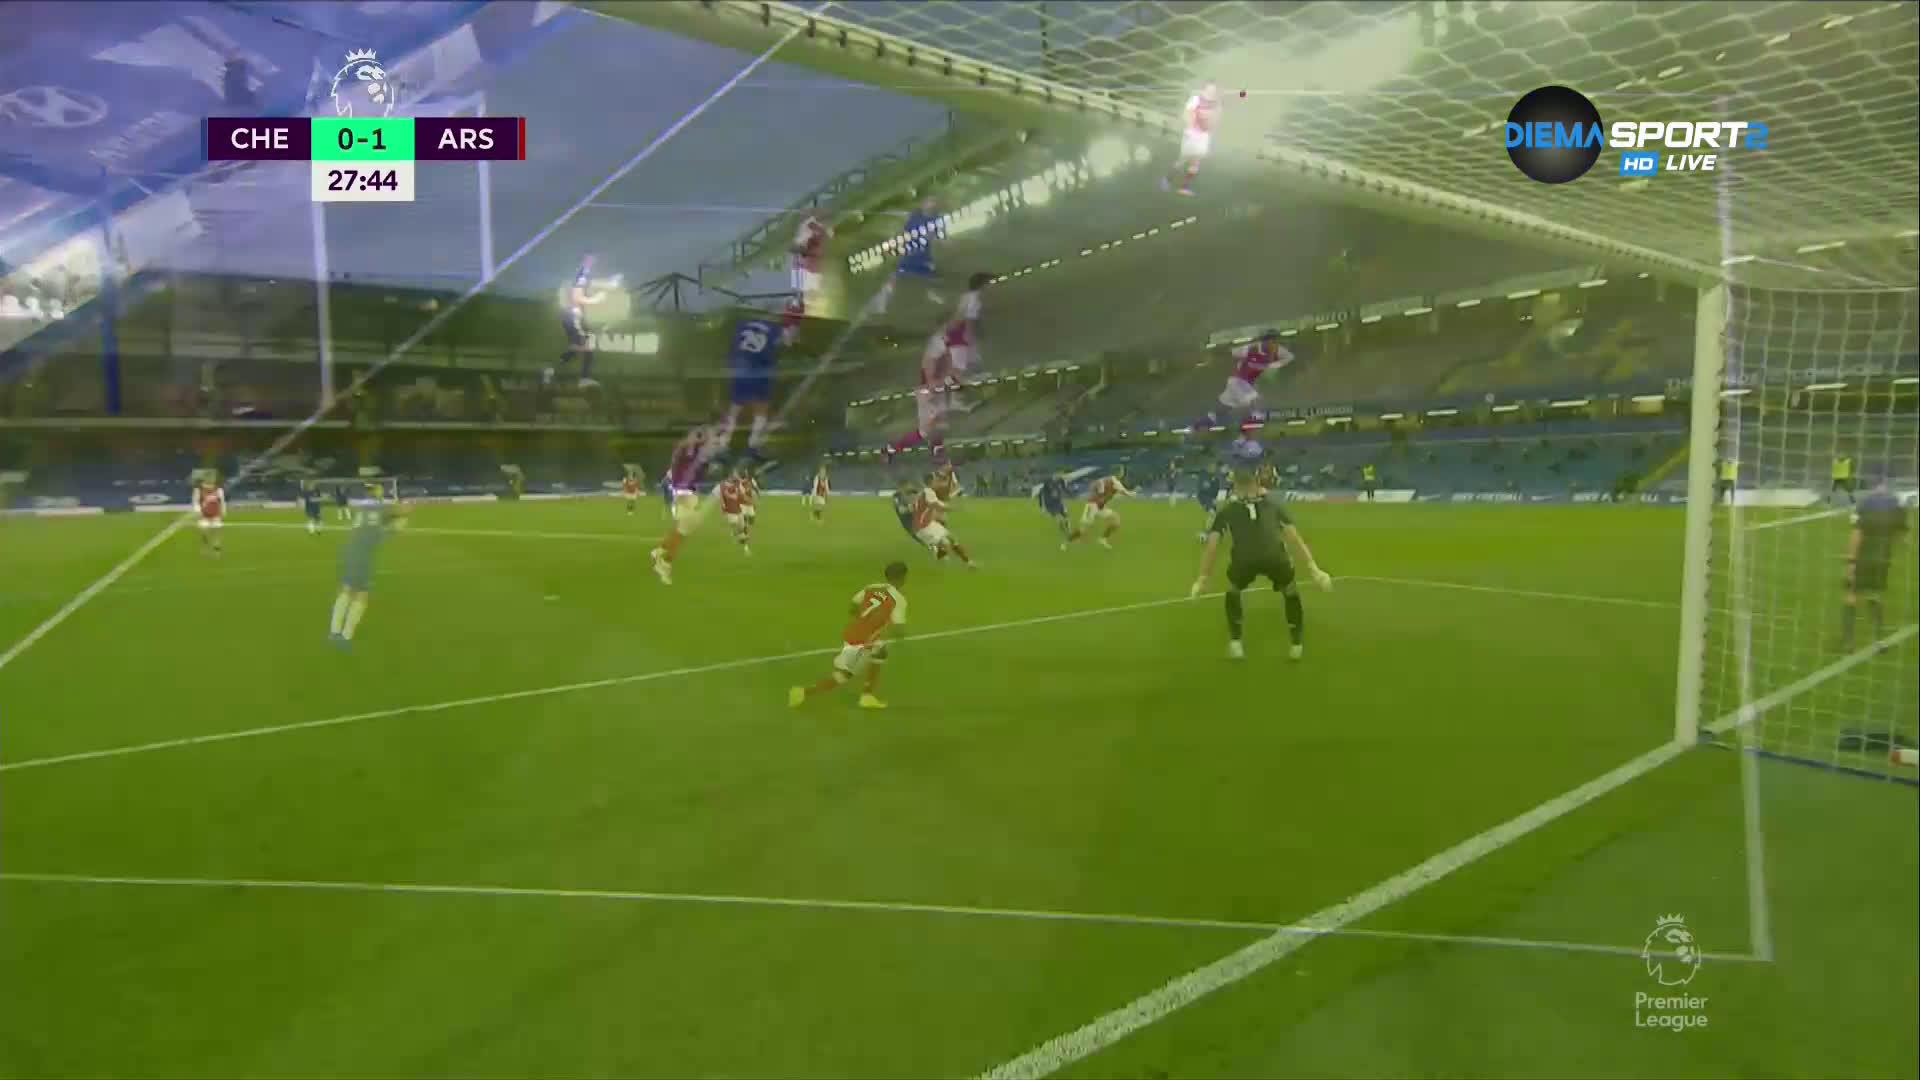 Челси - Арсенал 0:1 /първо полувреме/